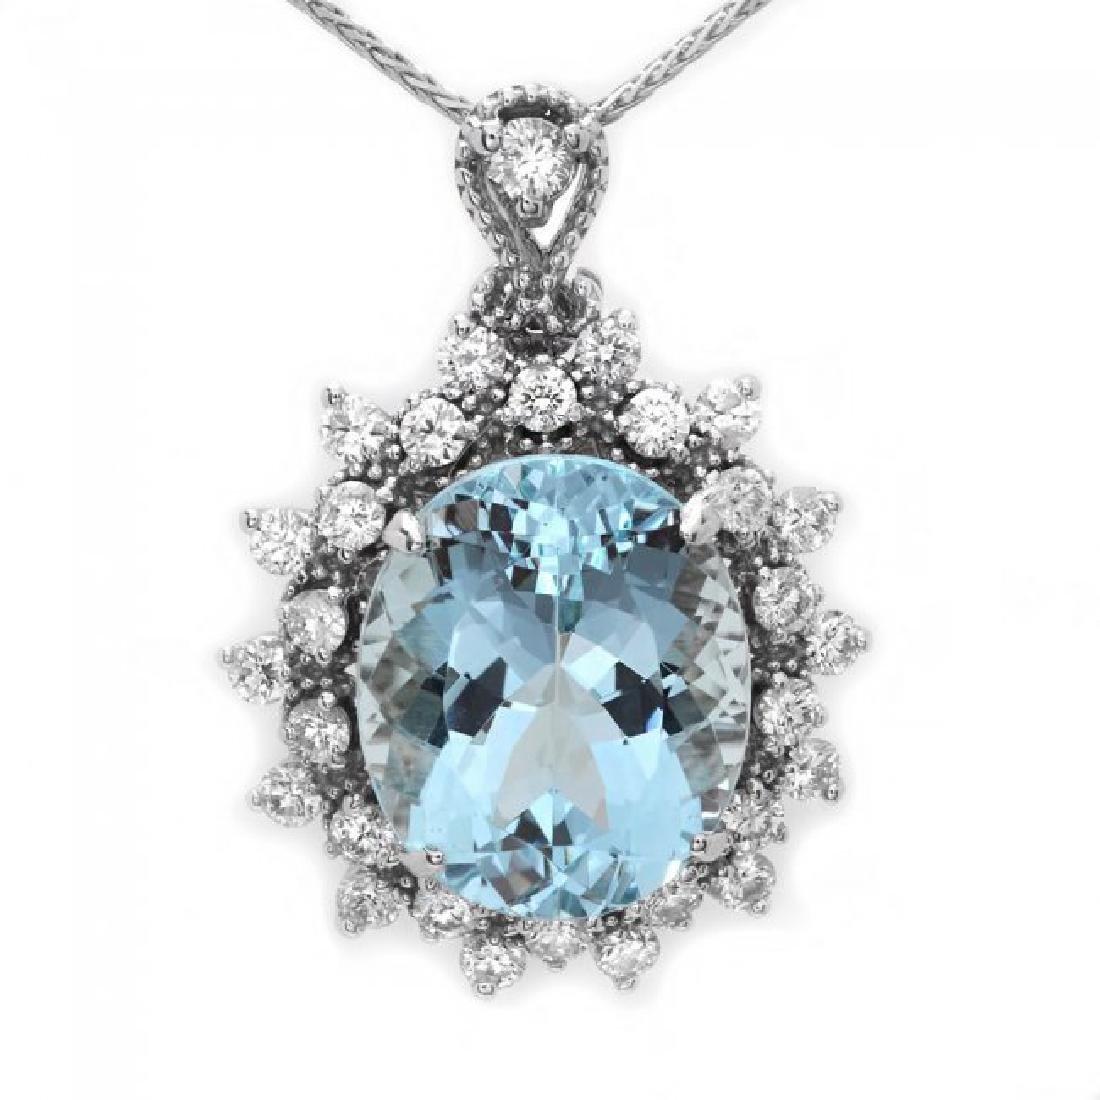 14k Gold 5.50ct Aquamarine 0.80ct Diamond Pendant - 2